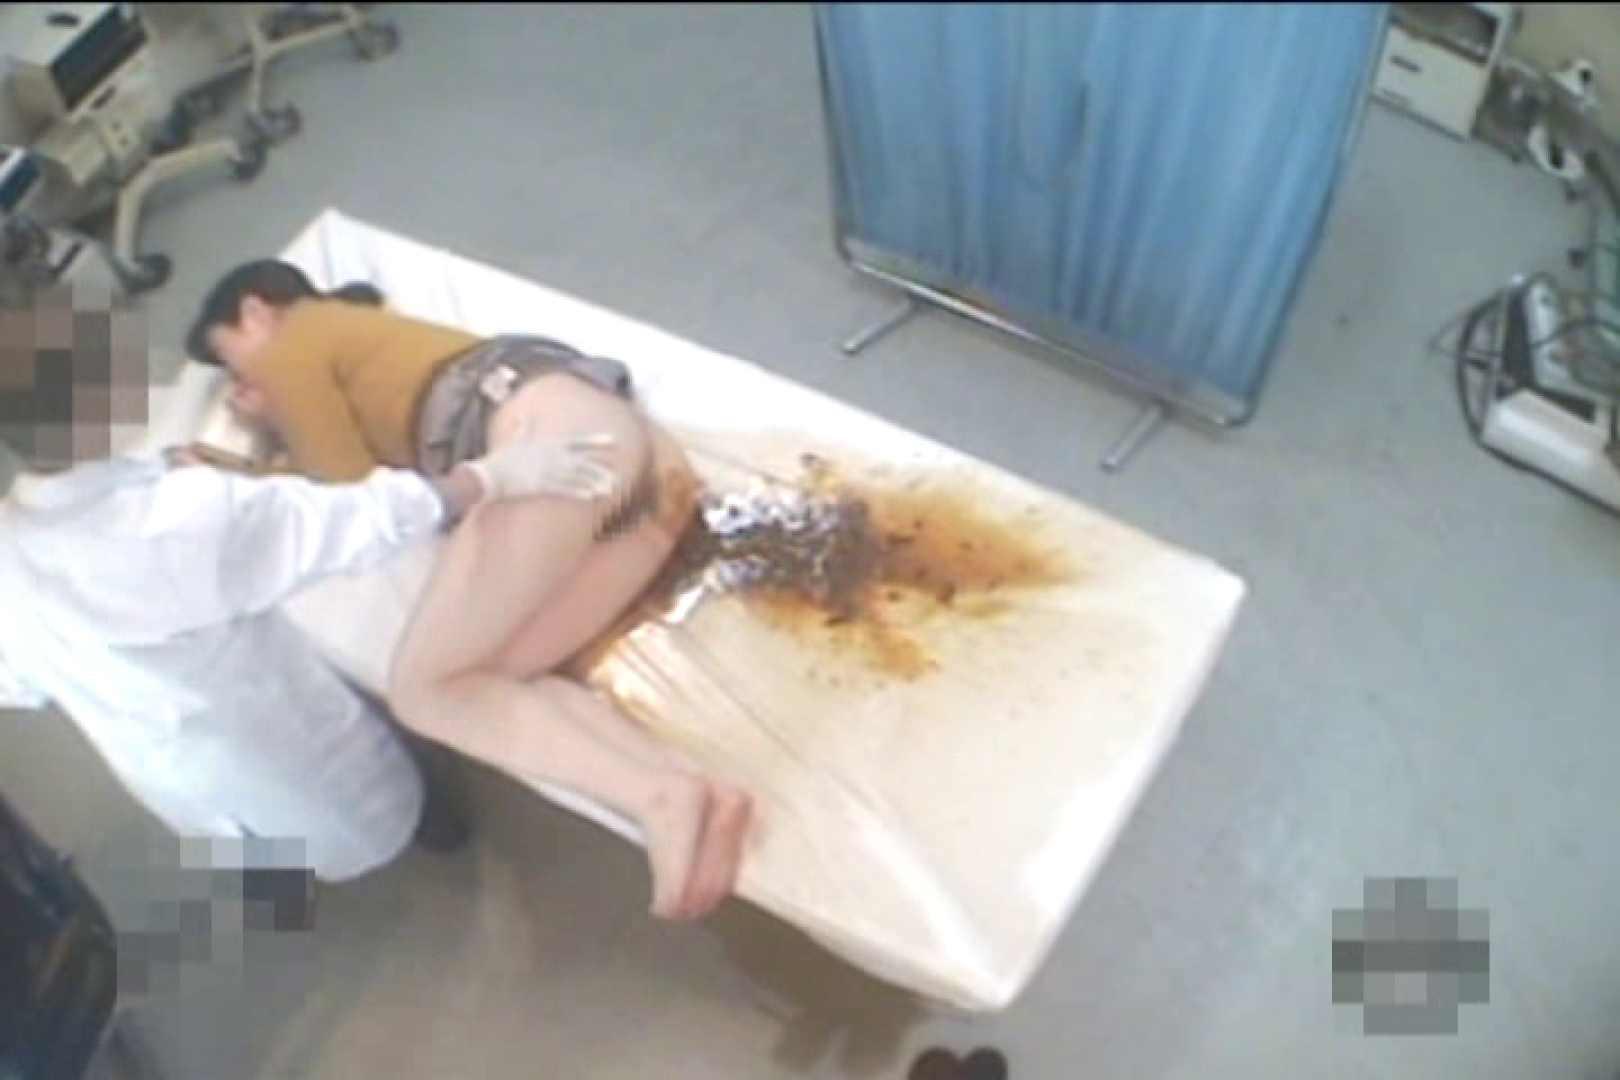 逆噴射病院 肛門科Vol.6 洗面所 覗き性交動画流出 100画像 23